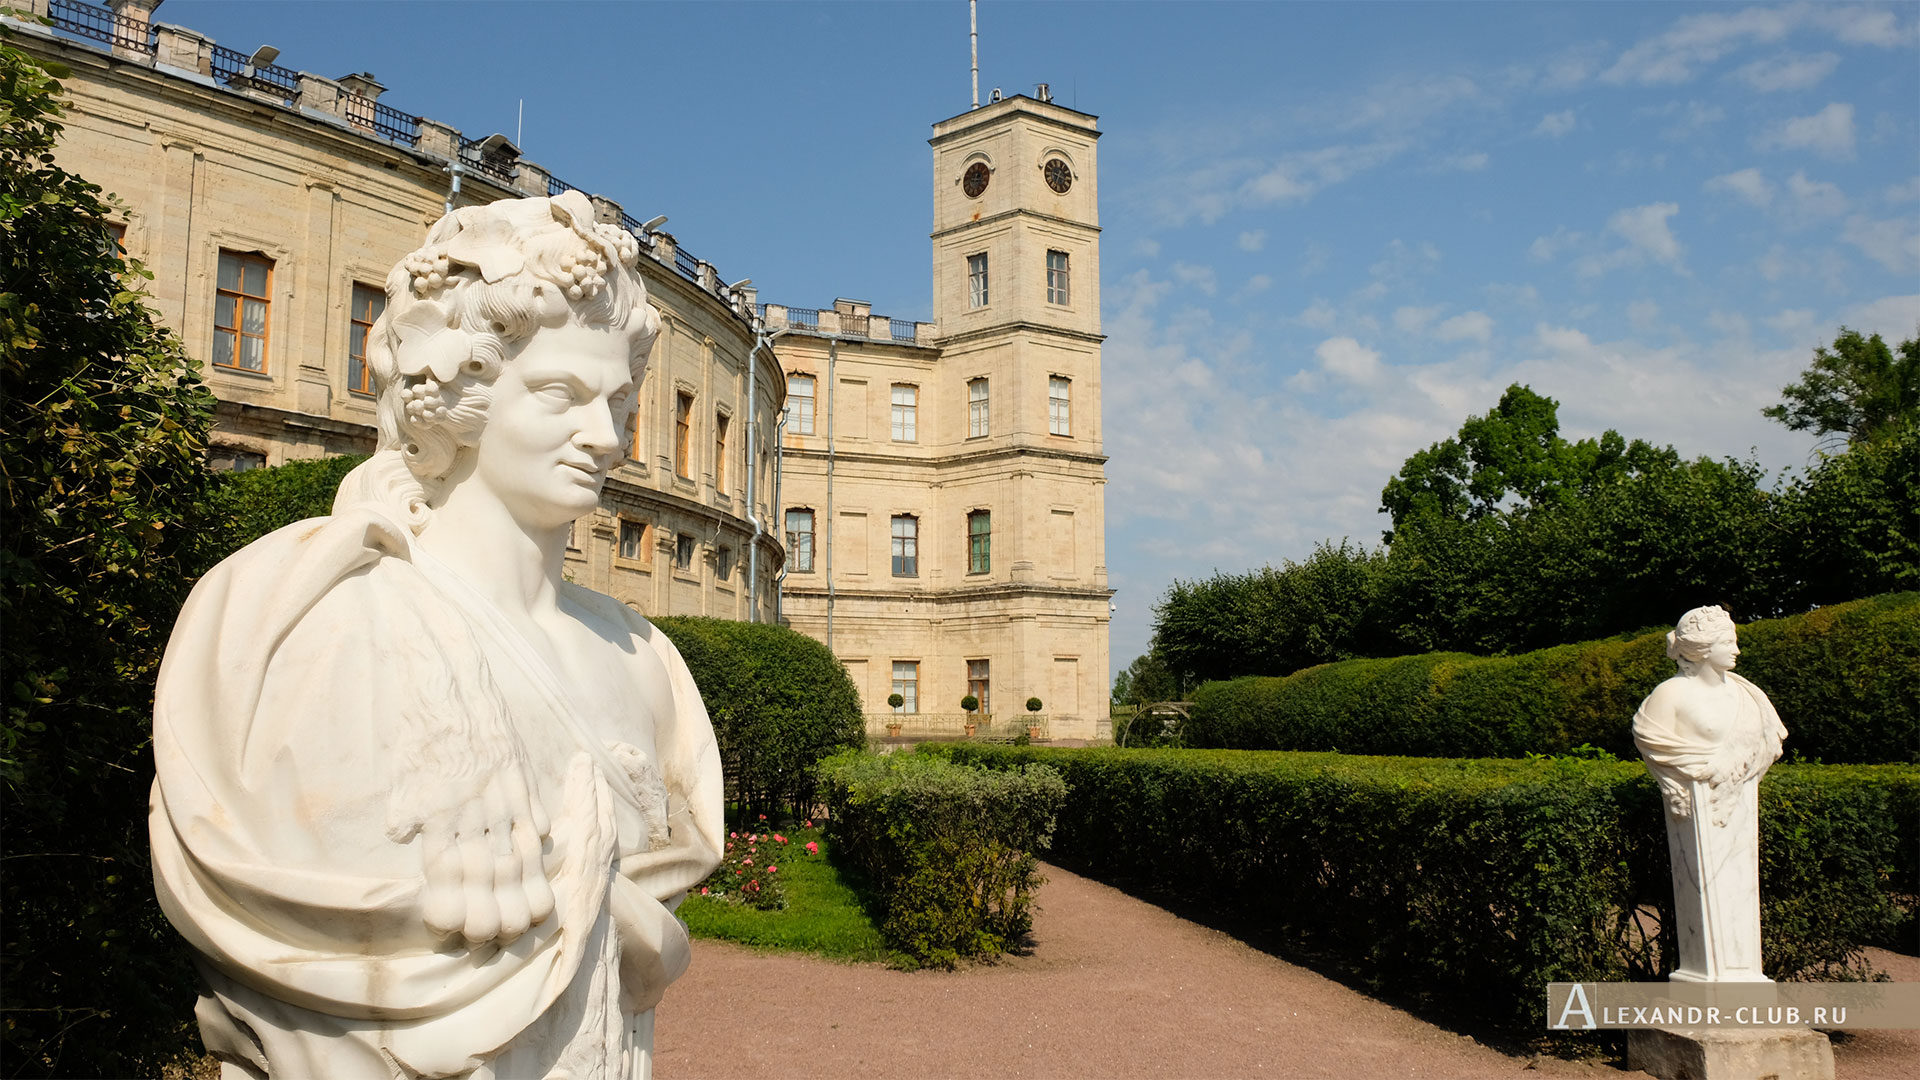 Гатчинский парк, лето, Гатчинский дворец, Собственный садик